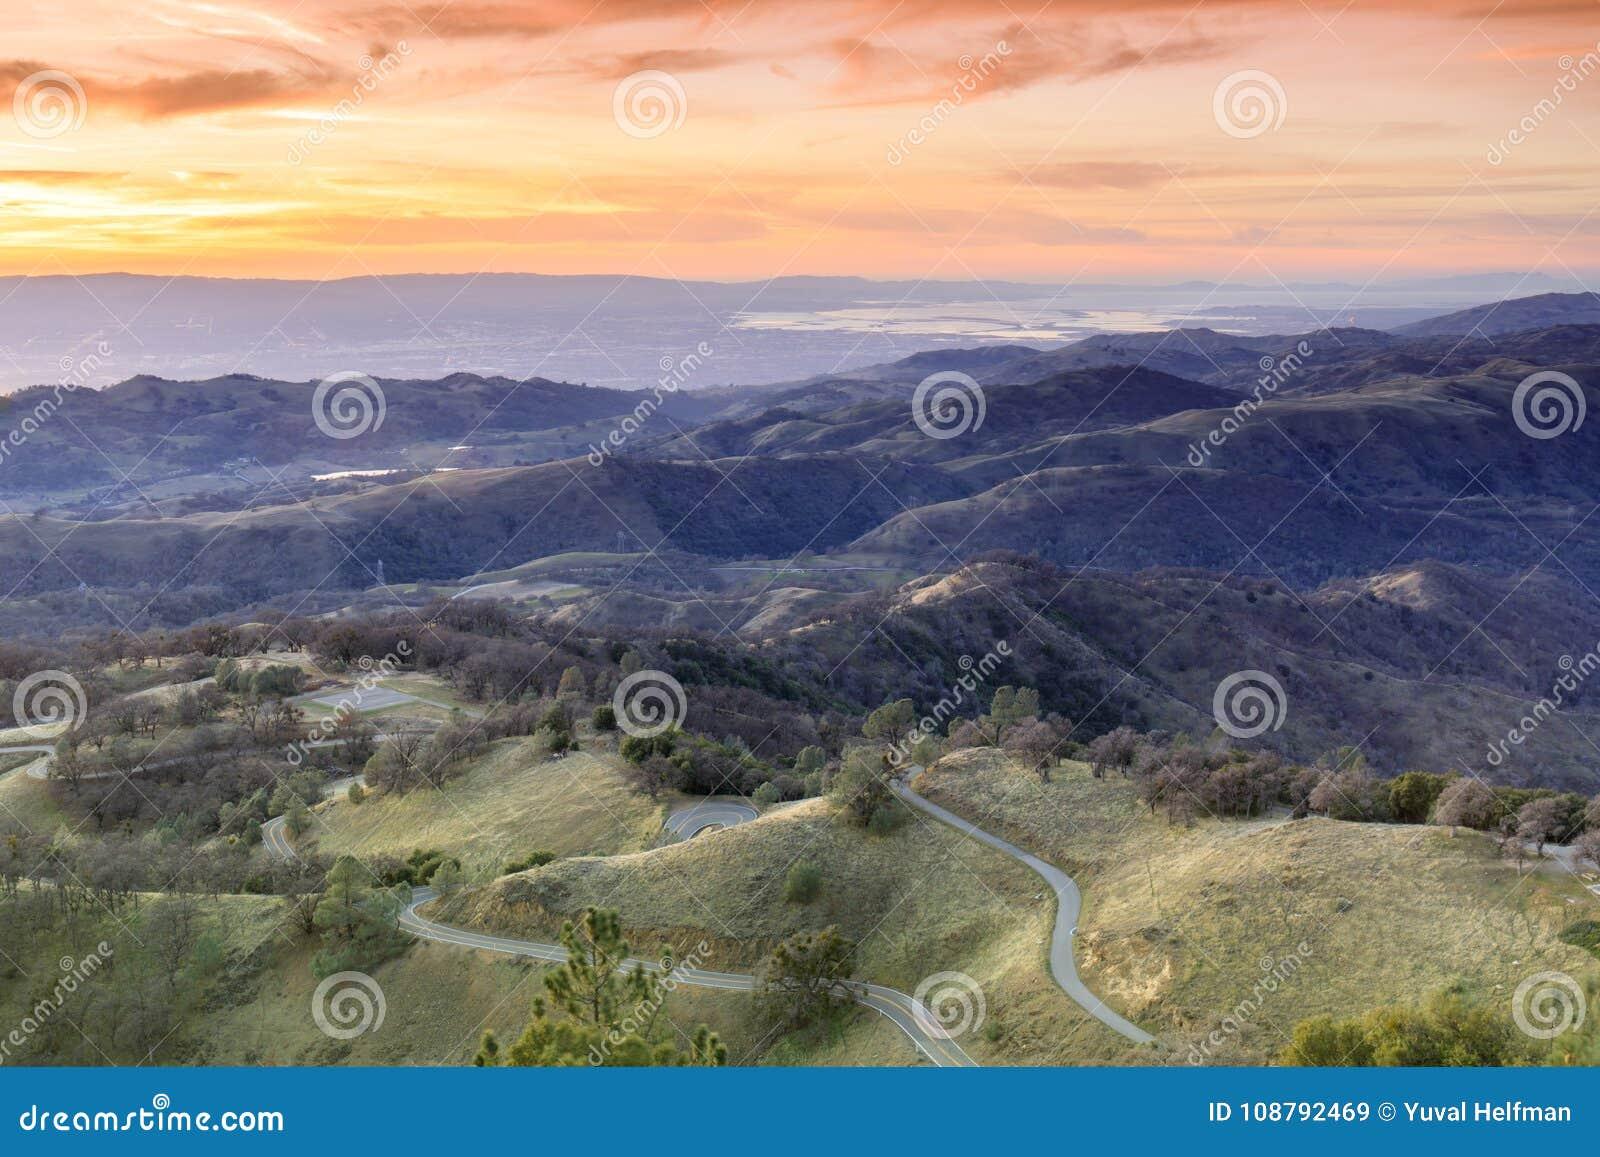 Τοποθετήστε τους λόφους του Χάμιλτον και το ηλιοβασίλεμα κοιλάδων της Σάντα Κλάρα